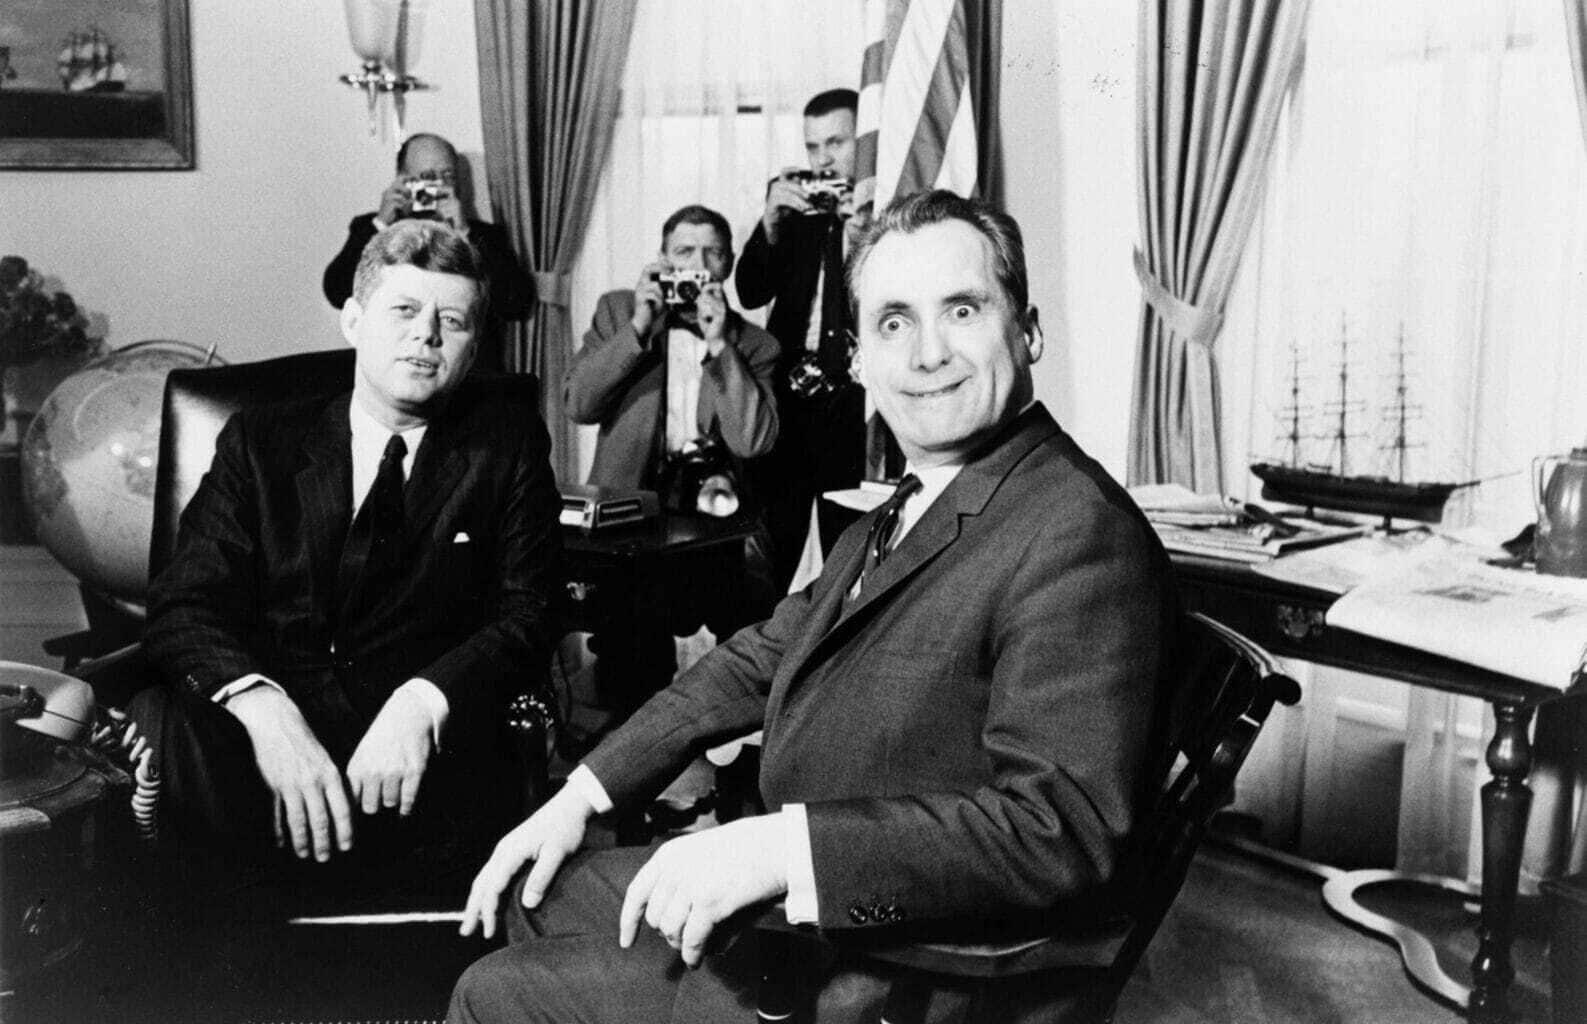 De Amerikaanse President John F. Kennedy in Berlijn op bezoek in her Stadthuis met journalisten